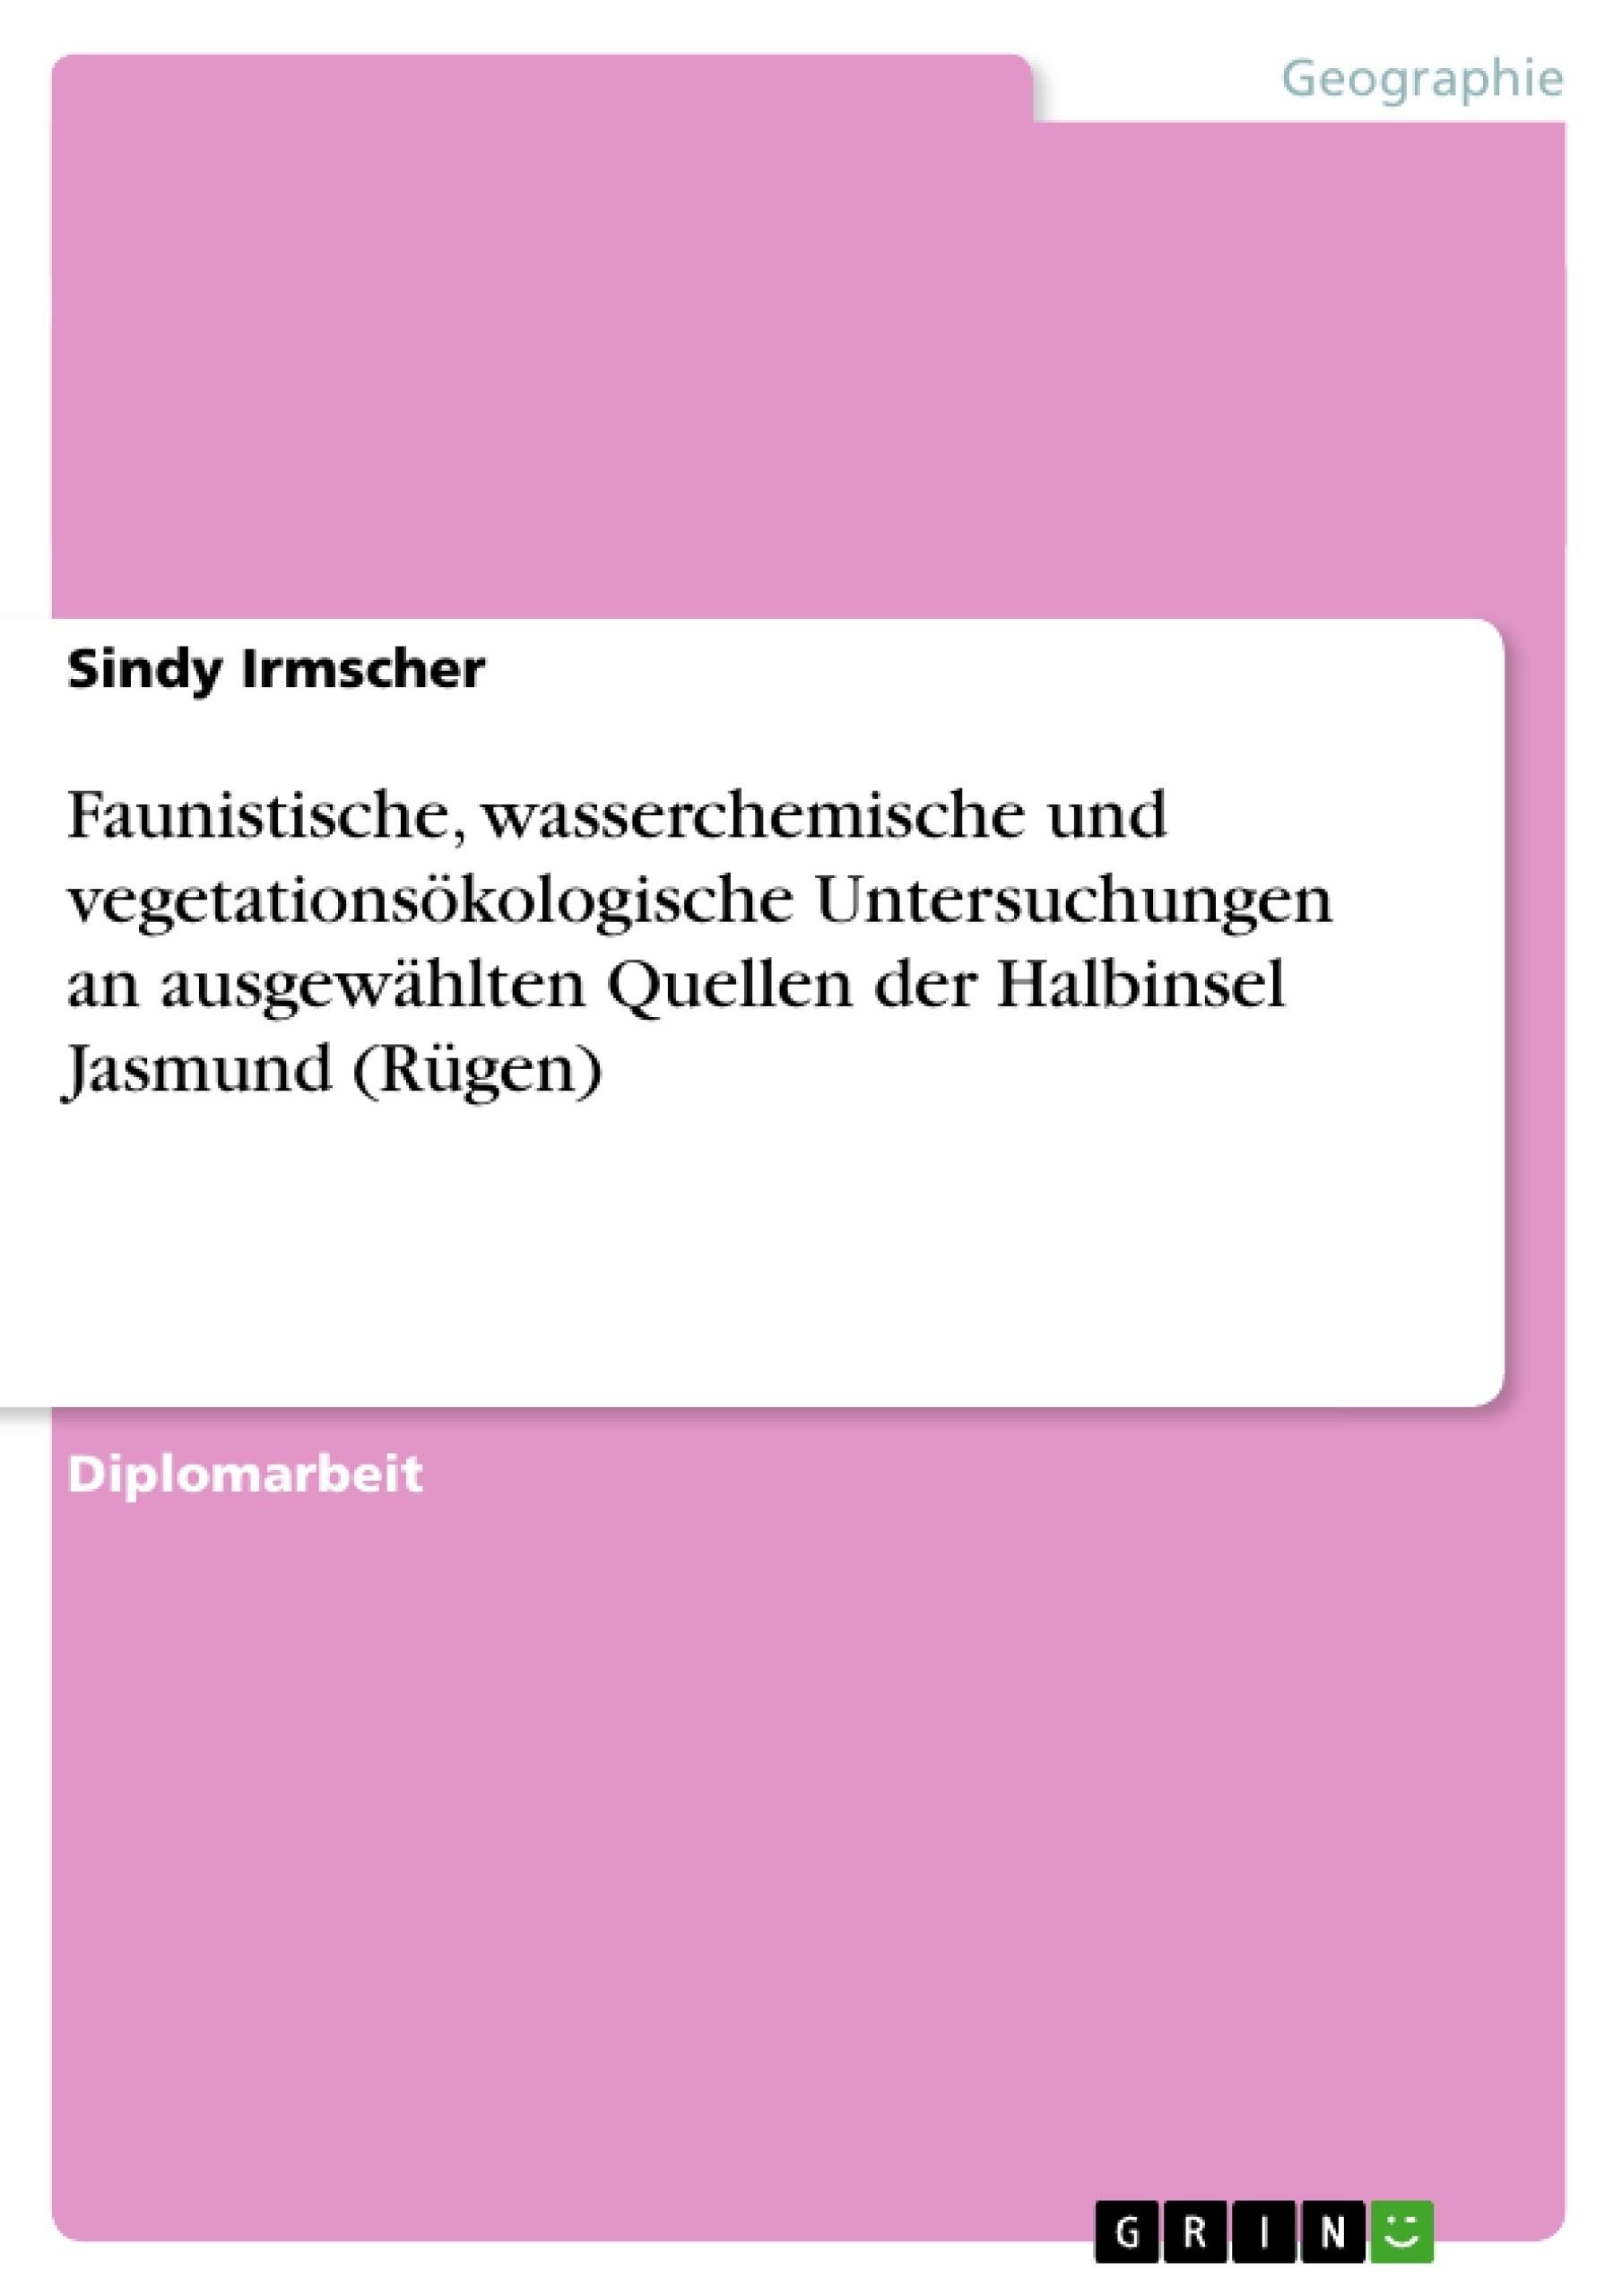 Titel: Faunistische, wasserchemische und vegetationsökologische Untersuchungen an ausgewählten Quellen der Halbinsel Jasmund (Rügen)